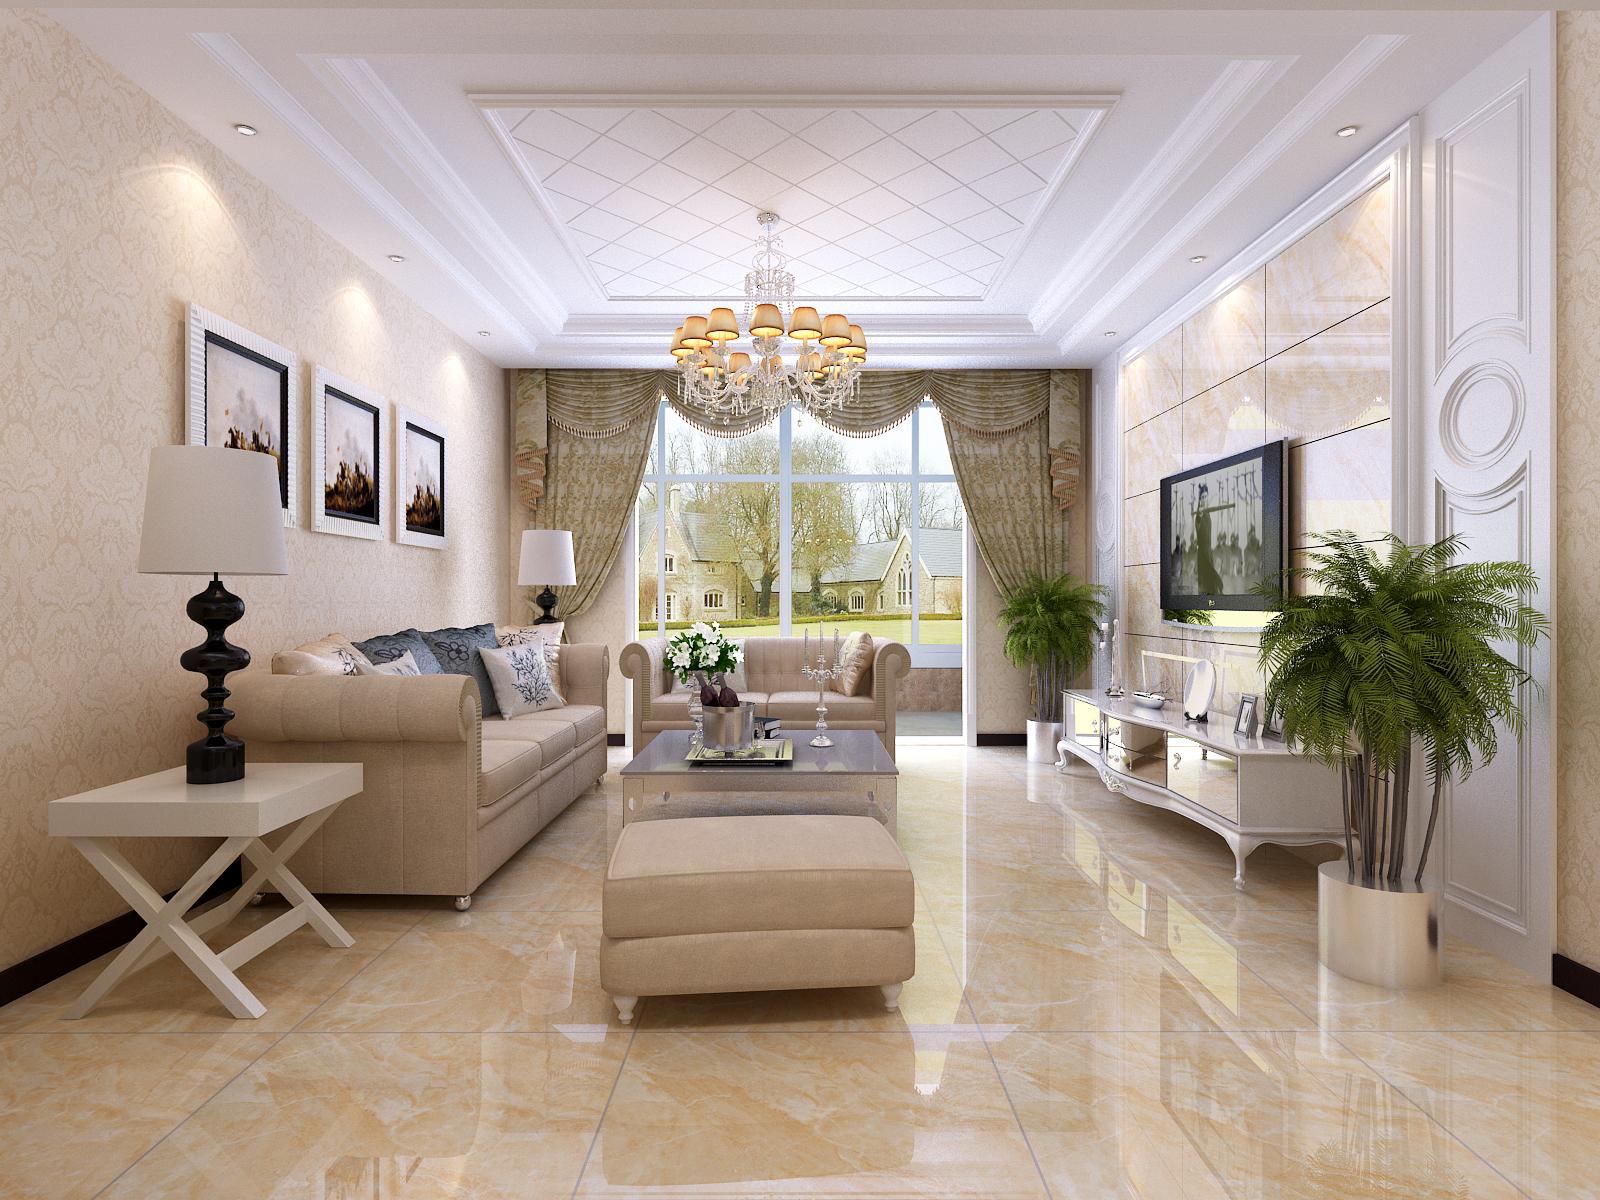 简约 欧式 混搭 三居 白领 小资 80后 客厅图片来自杨会峰在简欧2的分享